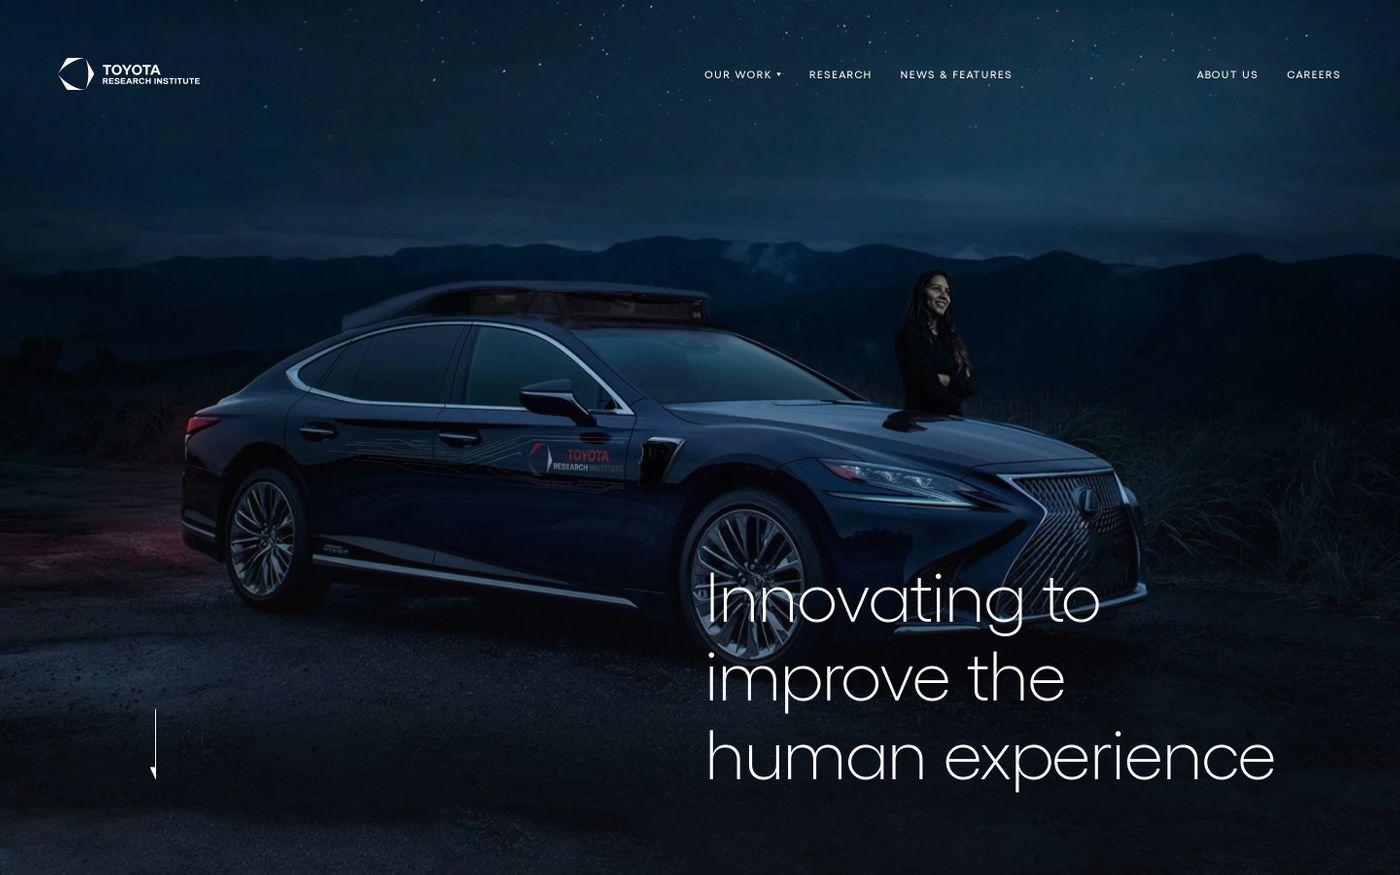 Screenshot of Toyota research institute website